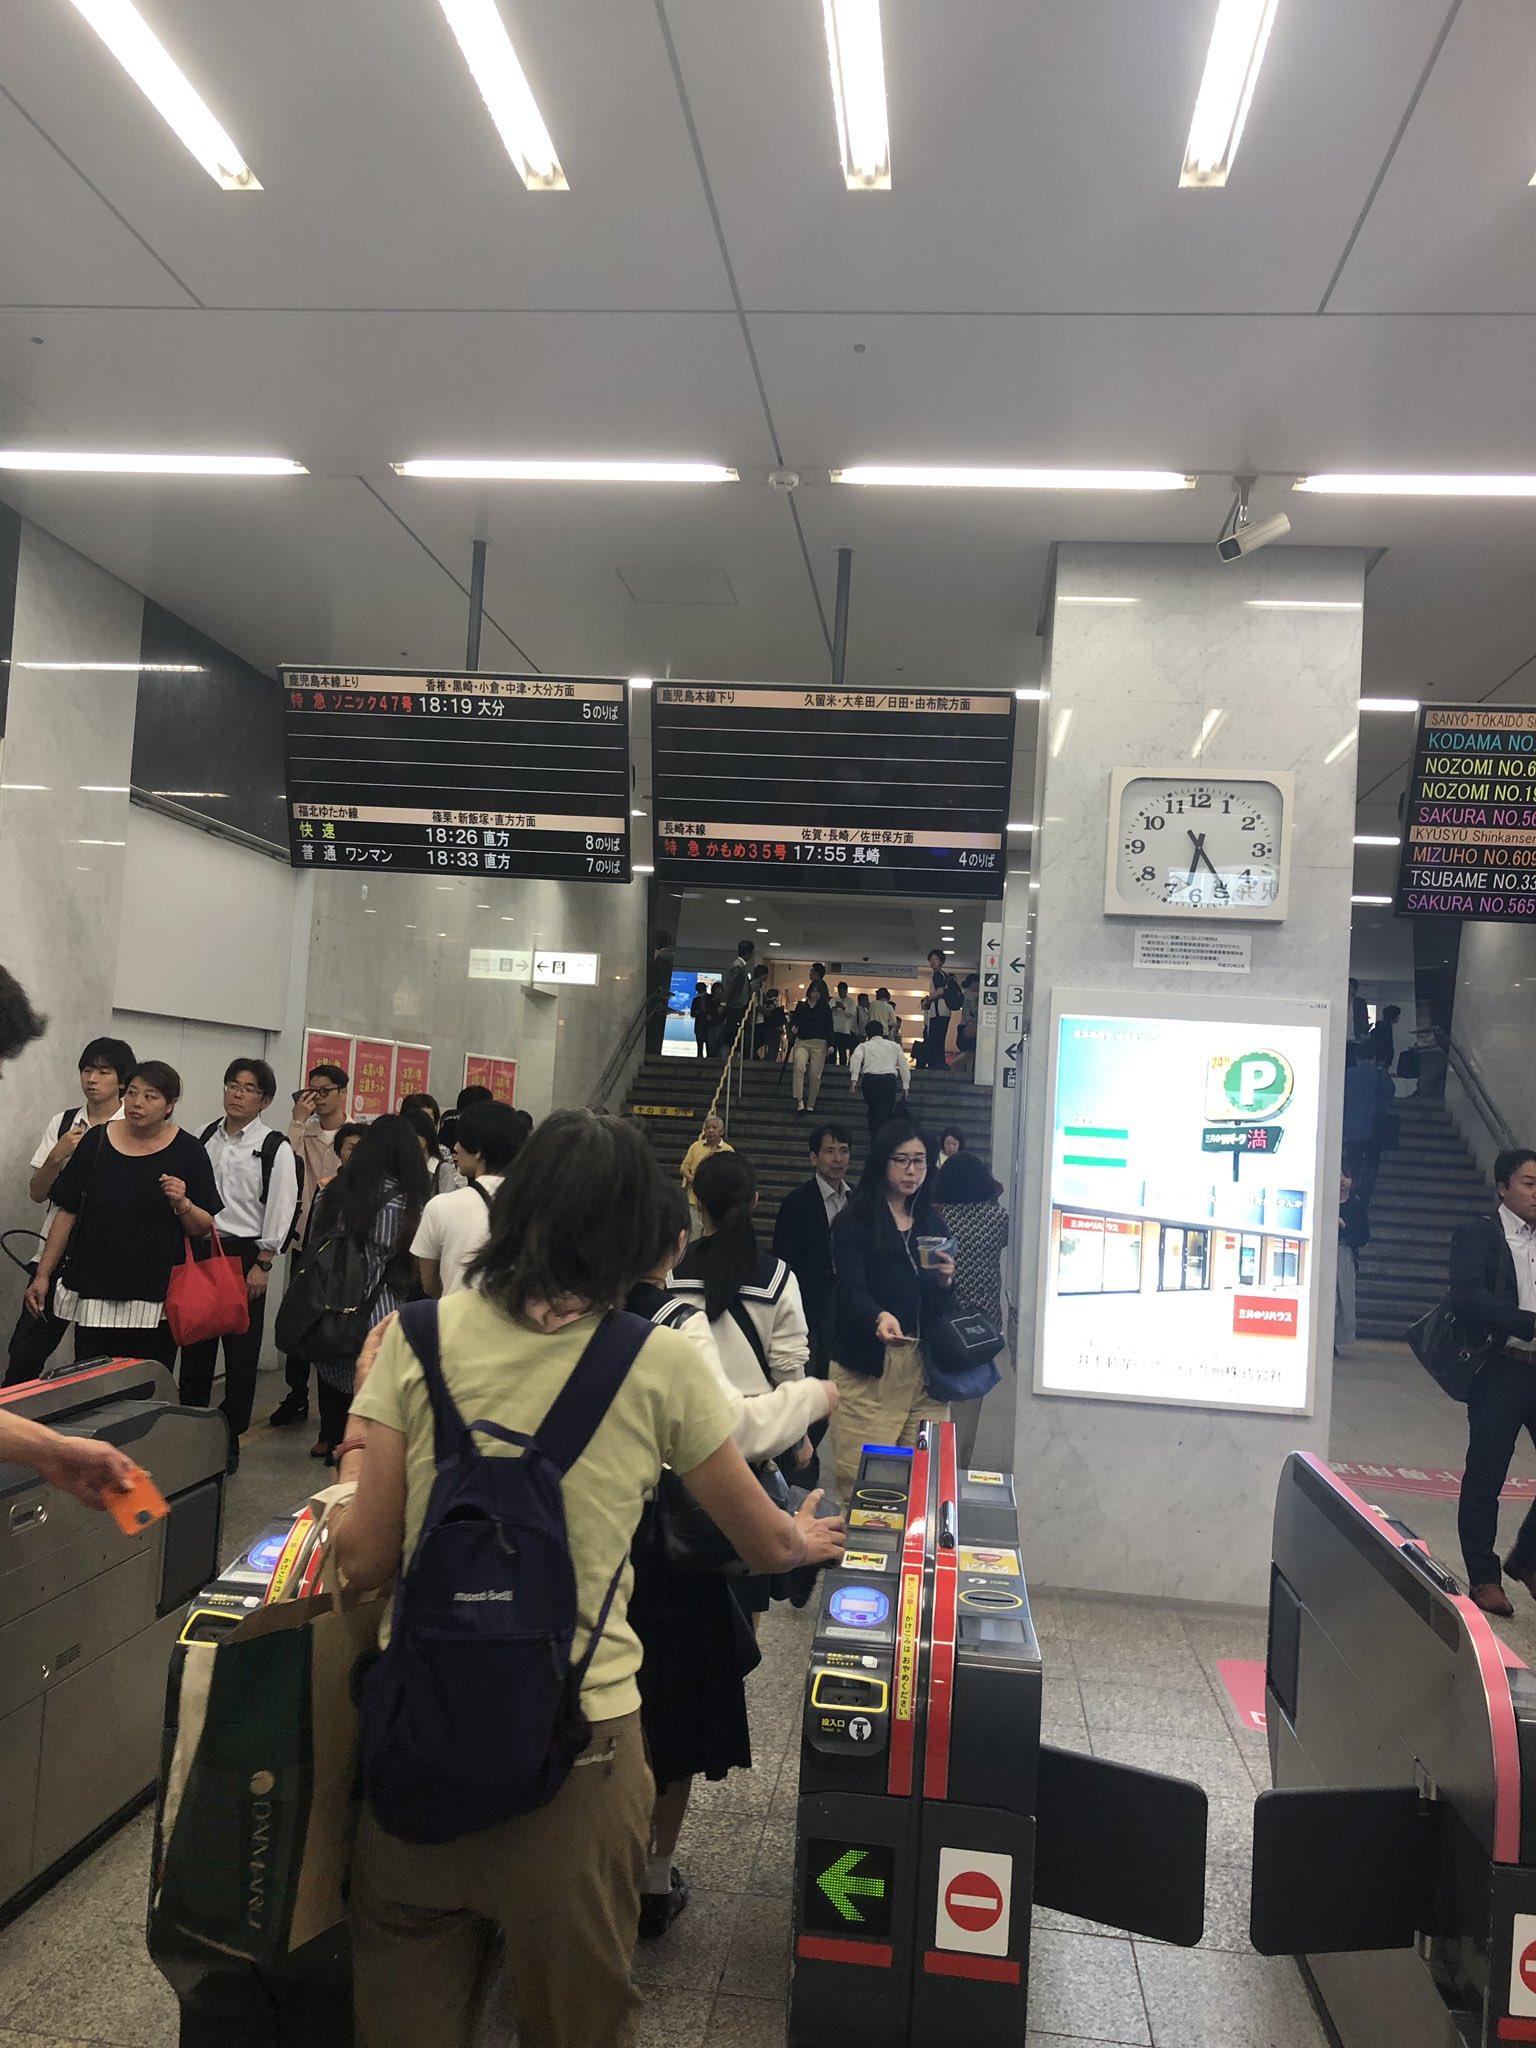 画像,17時55分竹下駅で人身事故家の目の前ということもあってすごく身近だからすごく怖いし悲しい事故だ、、、、 https://t.co/oQ2R0CgOzK…